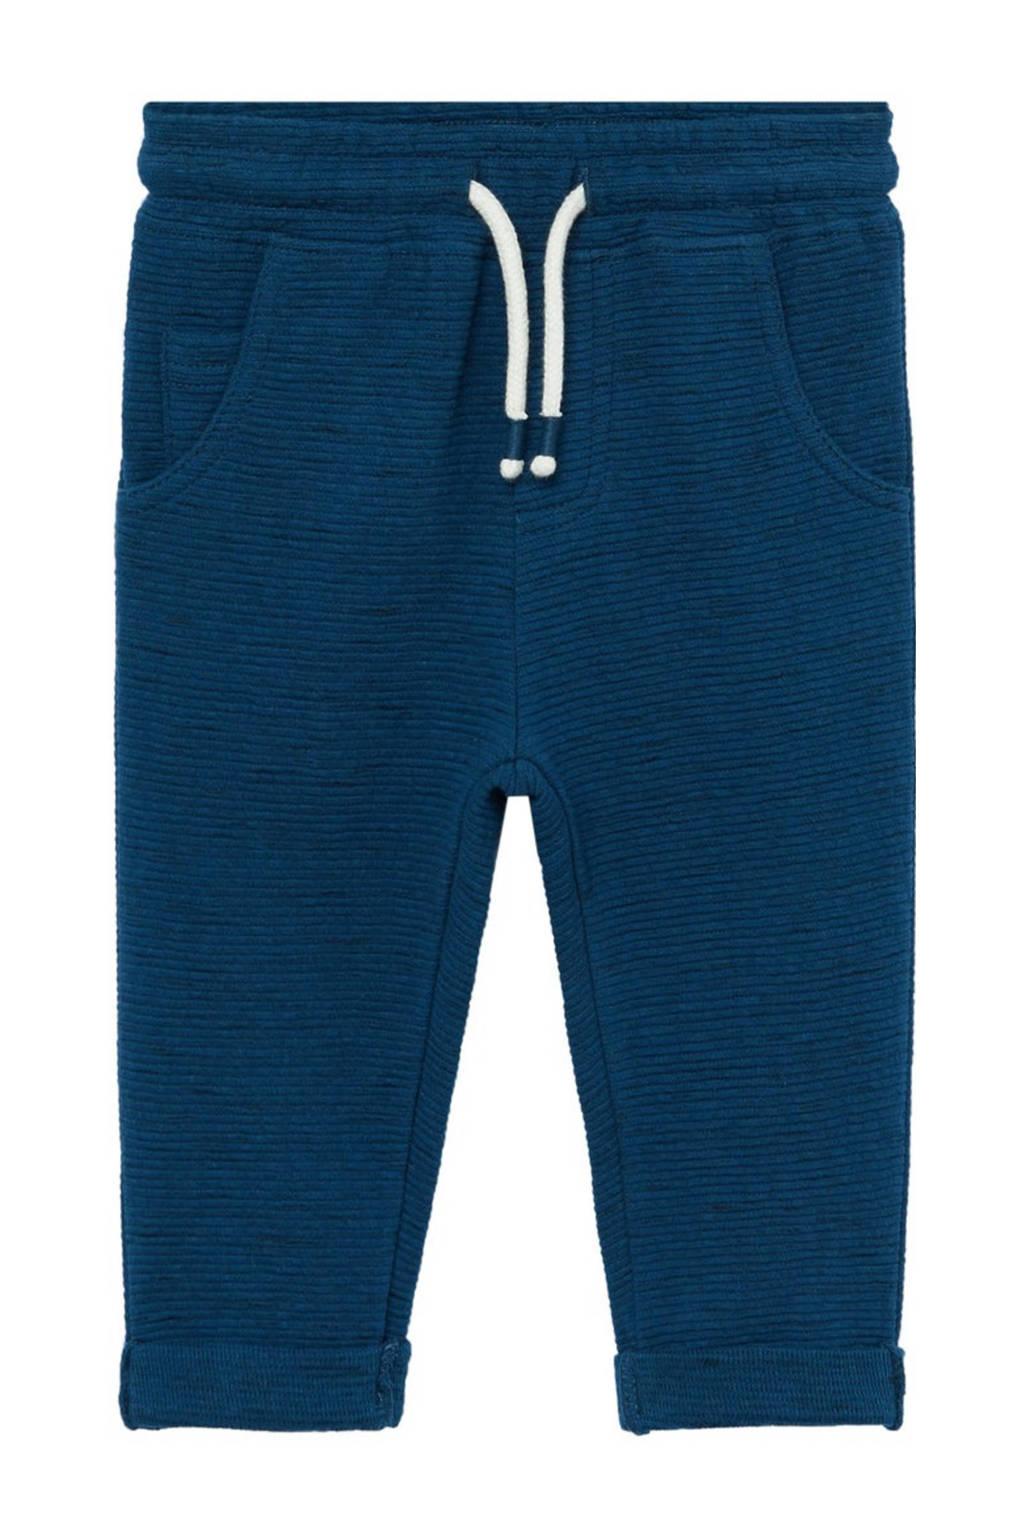 Mango Kids gemêleerde joggingbroek blauw/grijs/wit, Blauw/grijs/wit